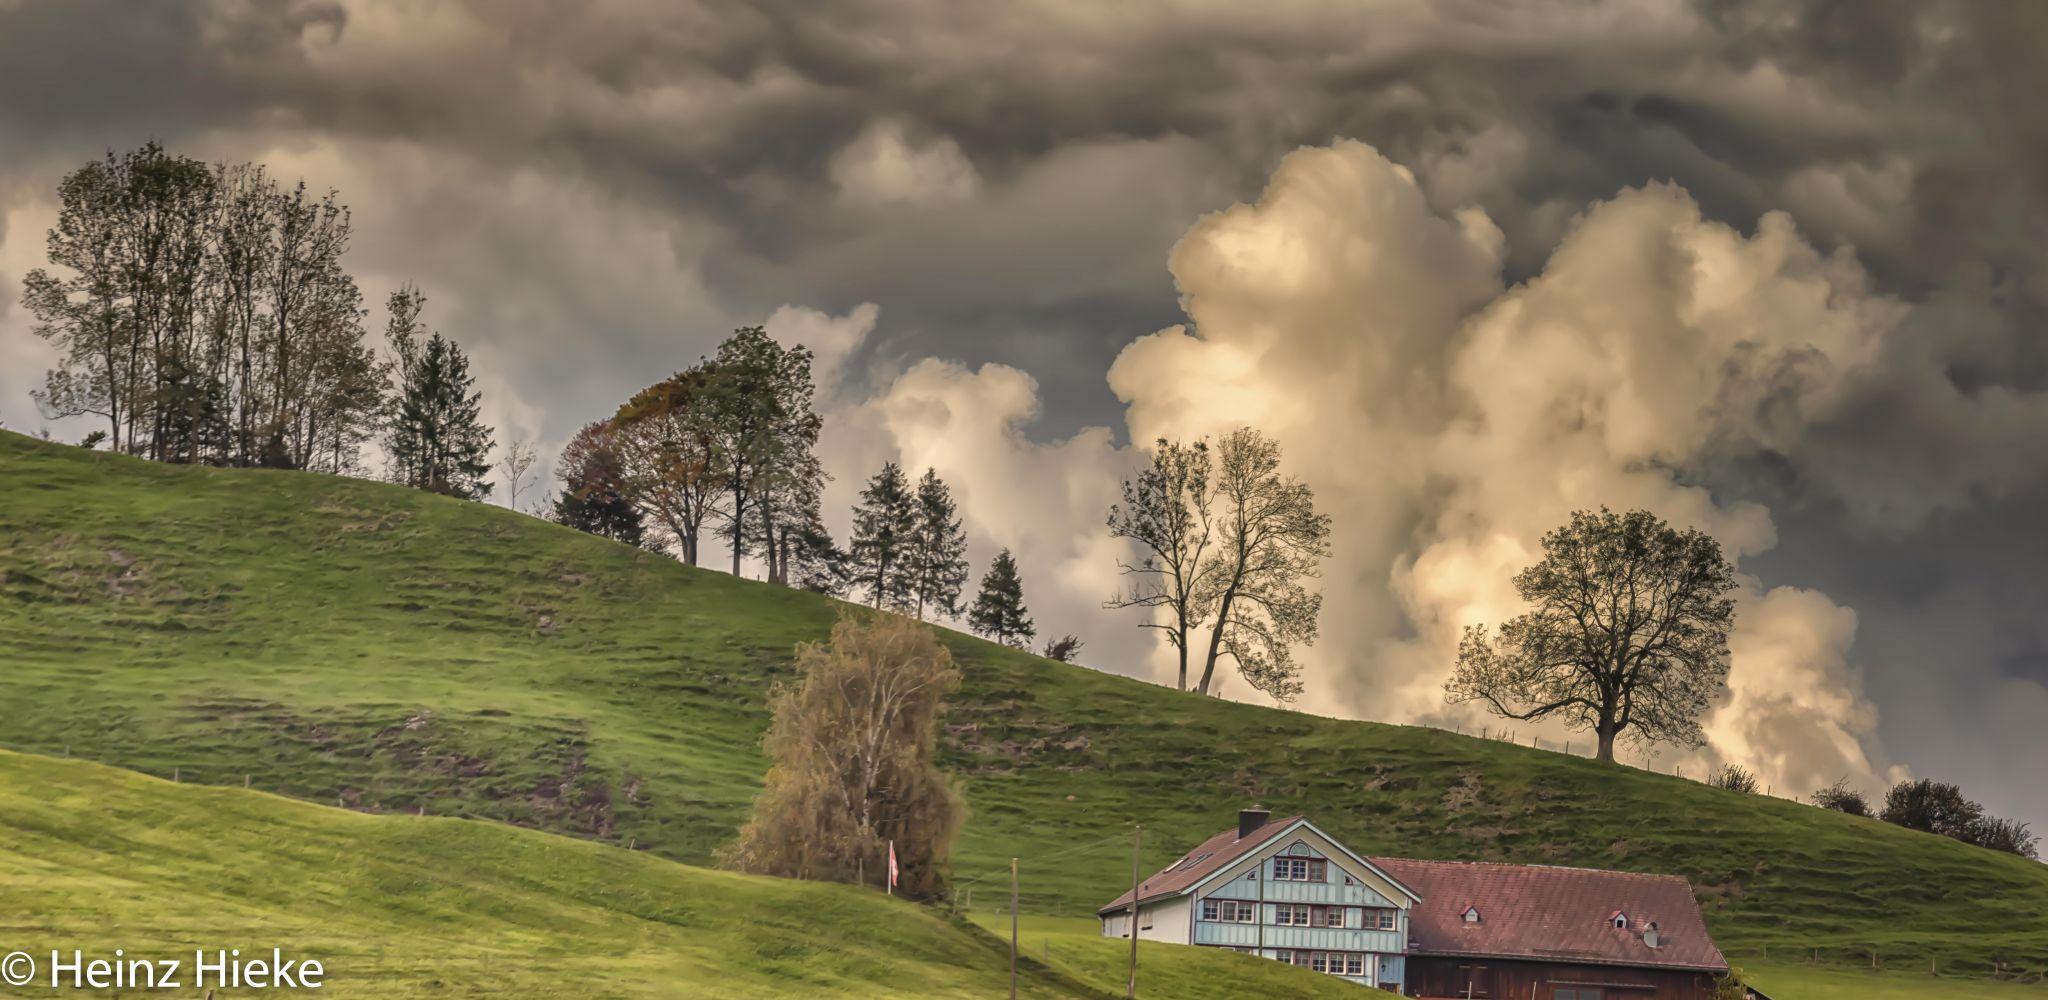 Enggenhüttenstrasse, Switzerland